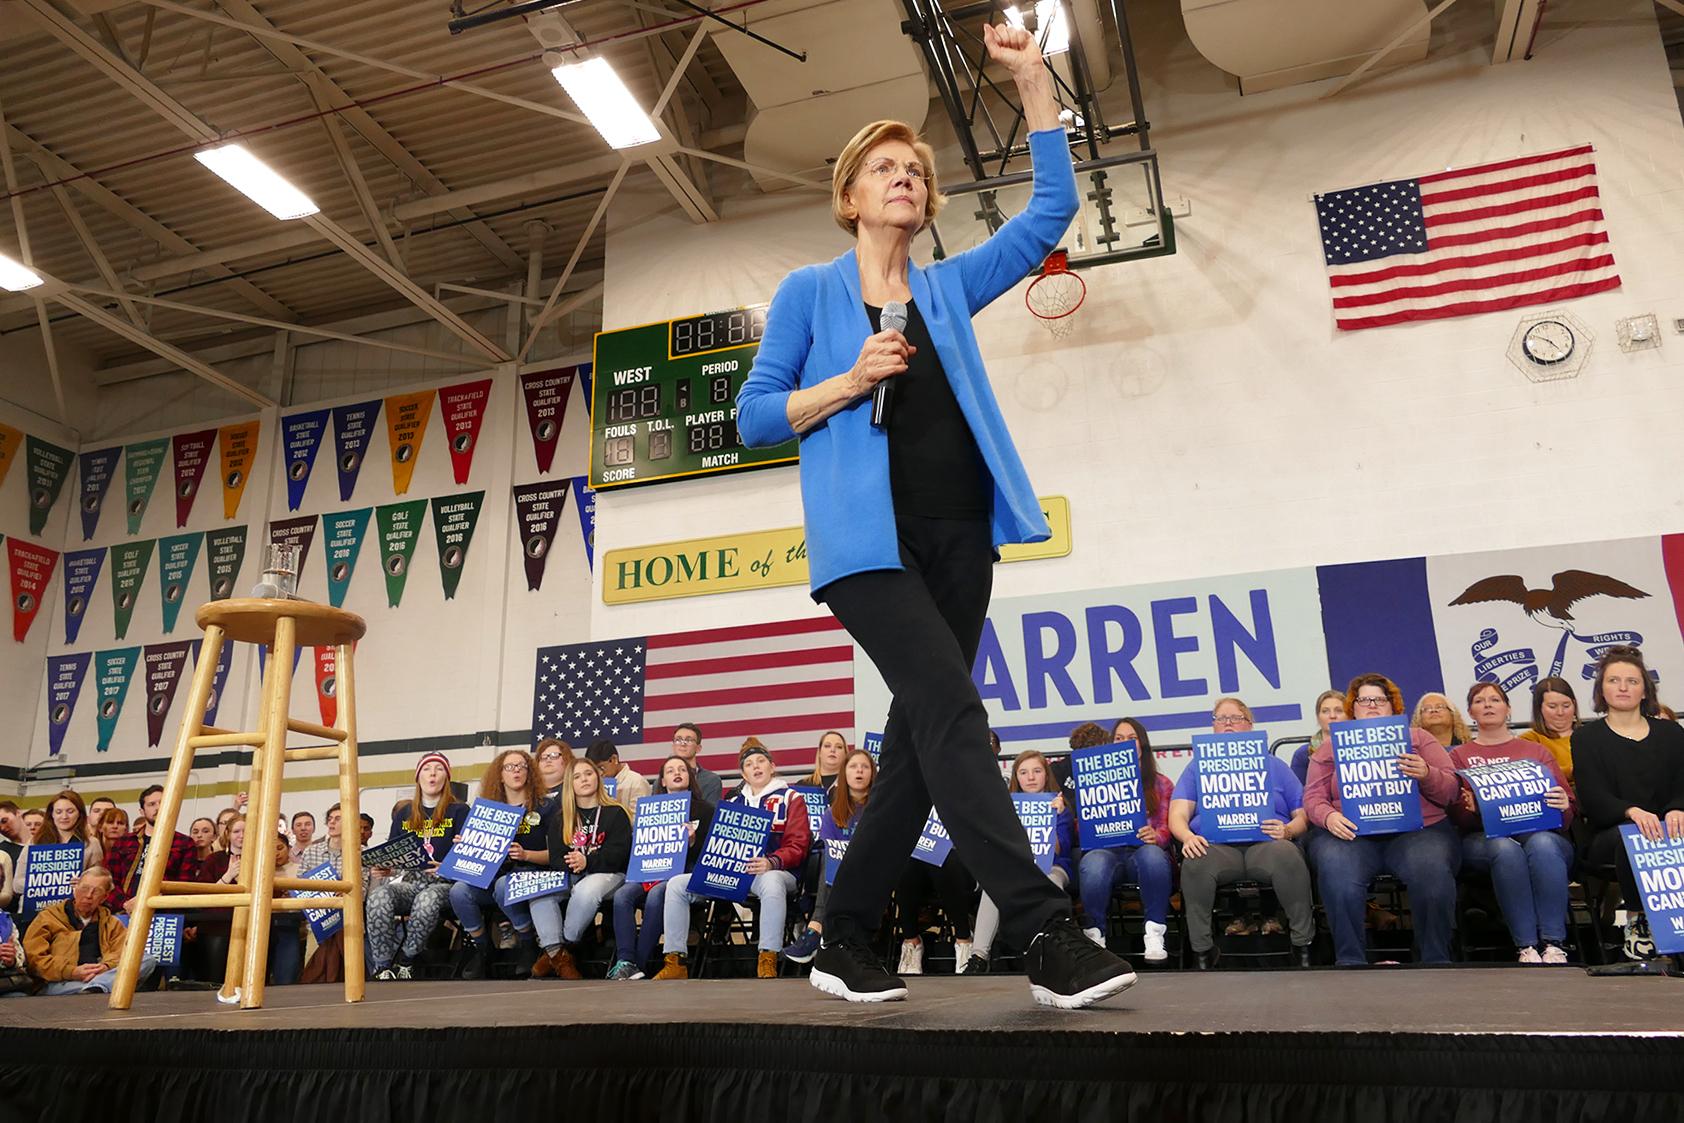 Warren speaking to crowd. (Marissa Nelson, 14 East)